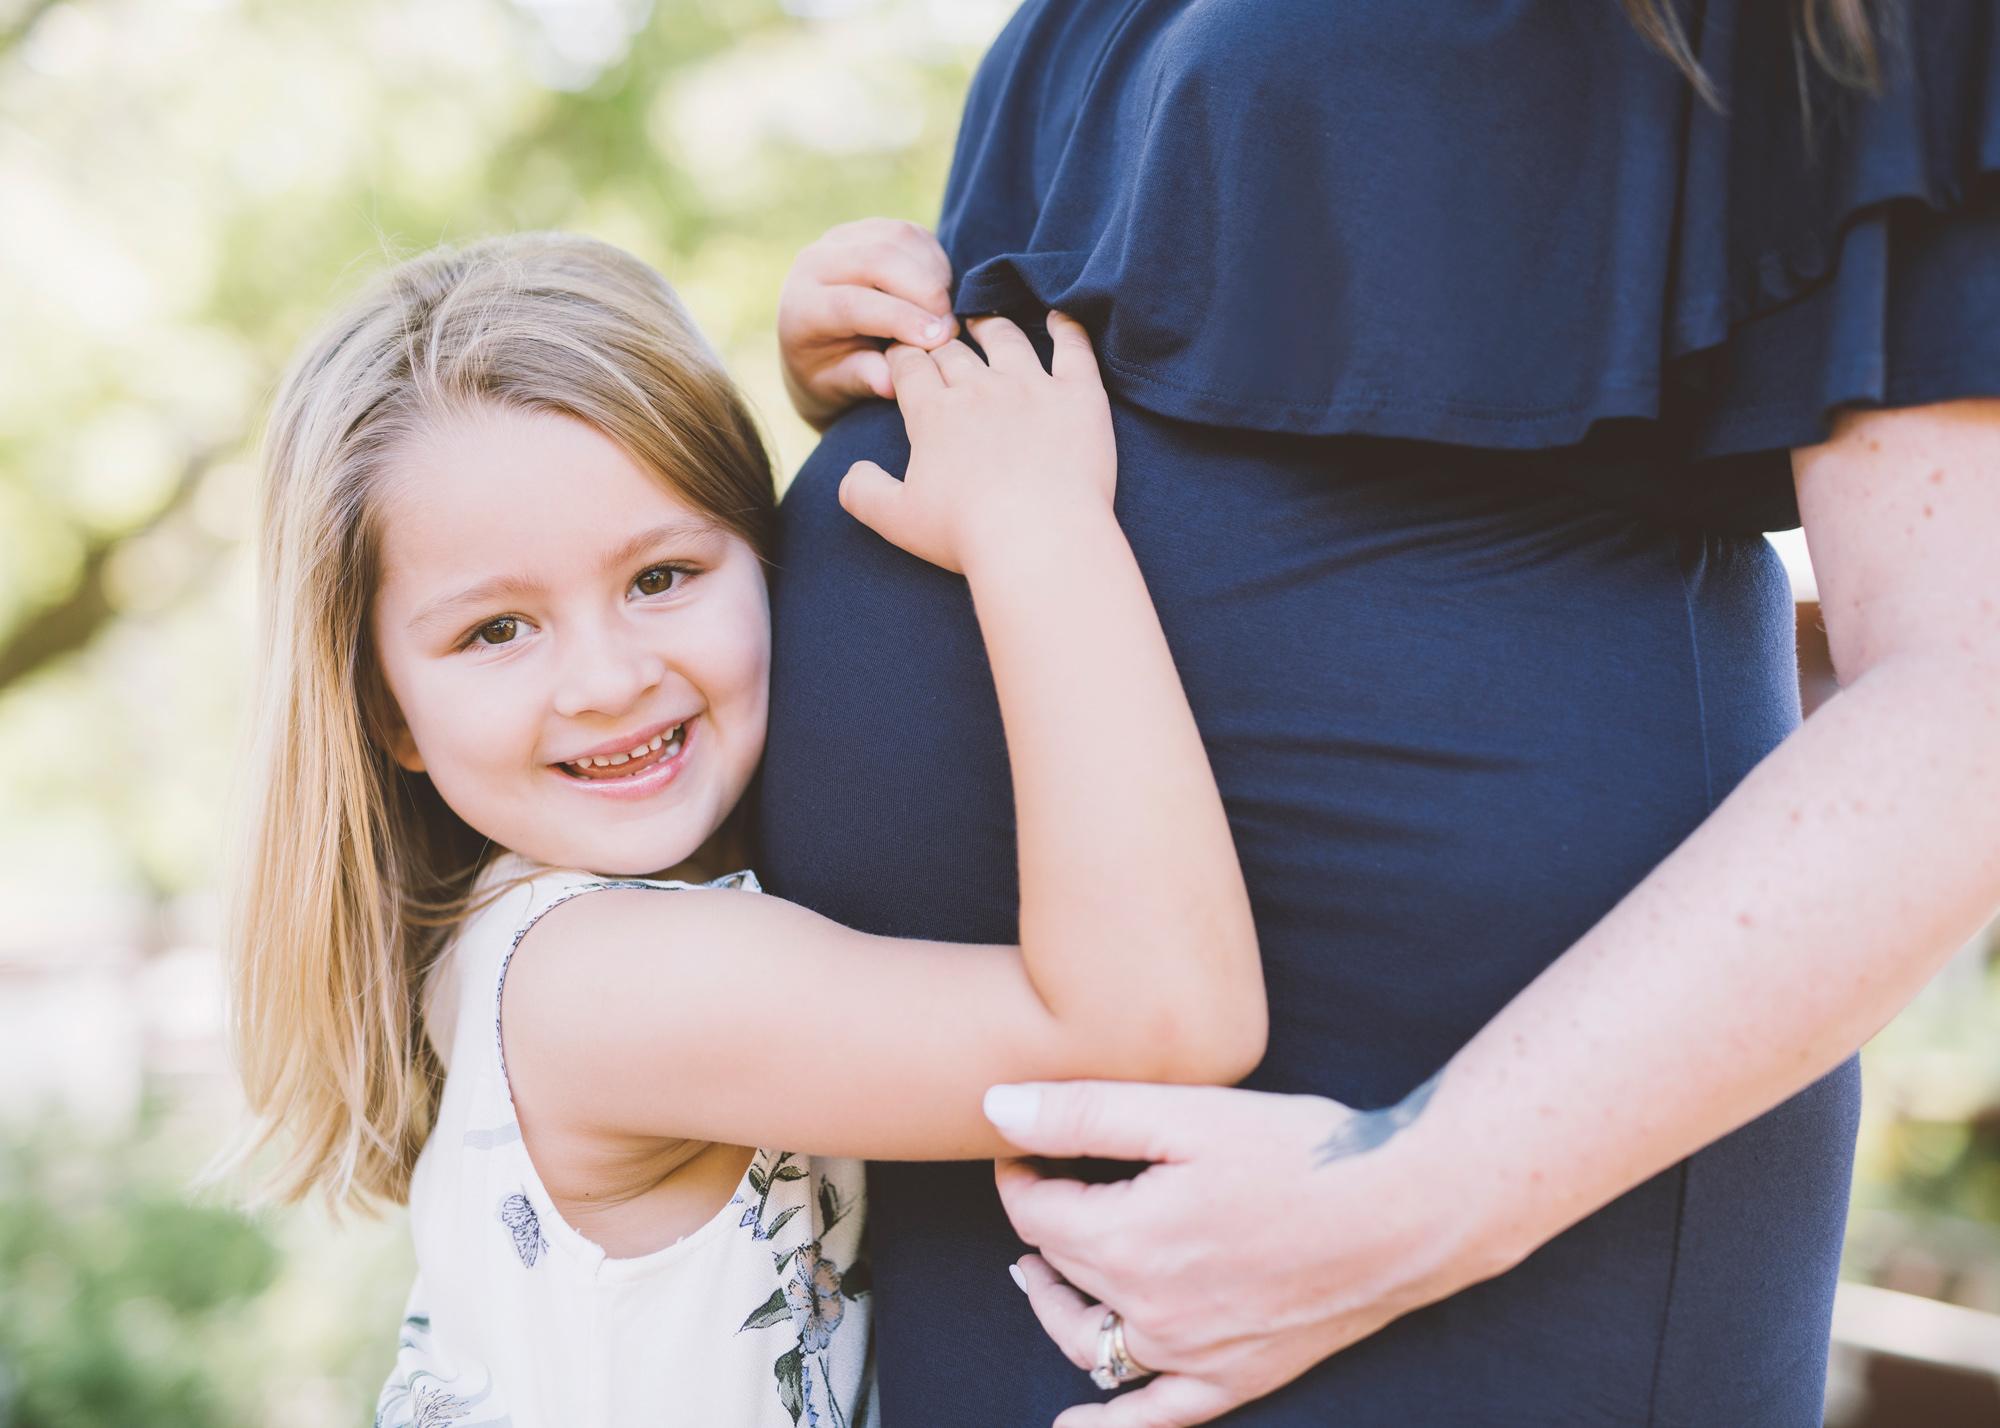 big-sister-hugging-mother's-pregnant-belly.jpg